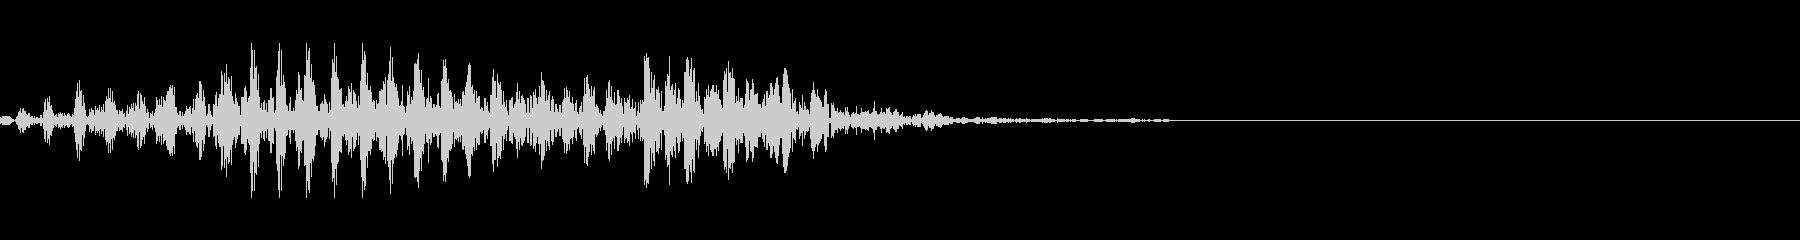 ゾンビなどのうめき声 2の未再生の波形